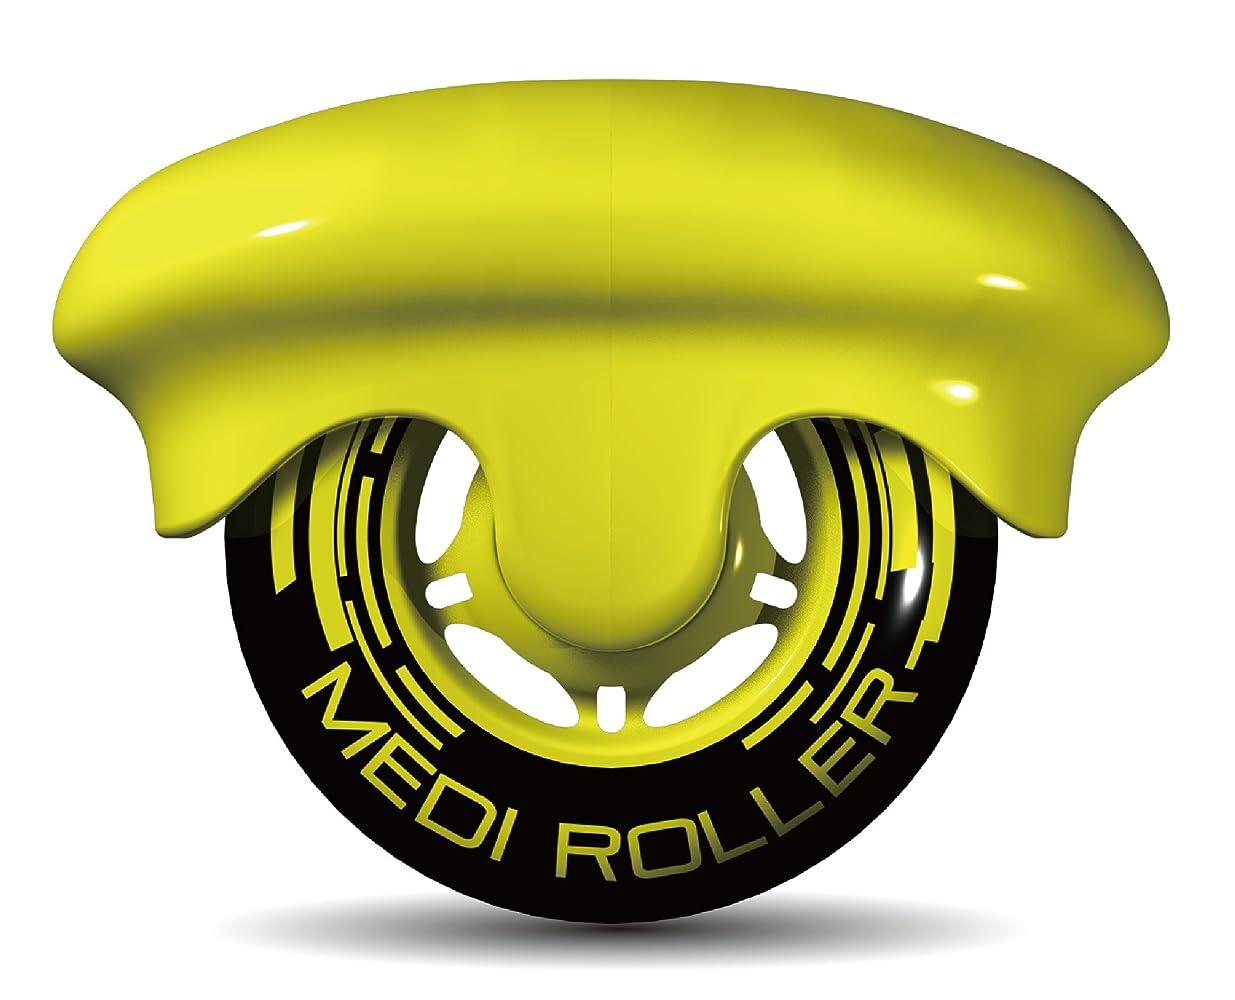 吹きさらしスタンドモスクMEDI ROLLER (メディローラー) 巾着付き 筋肉のコリを点で押すセルフローラー (イエロー)